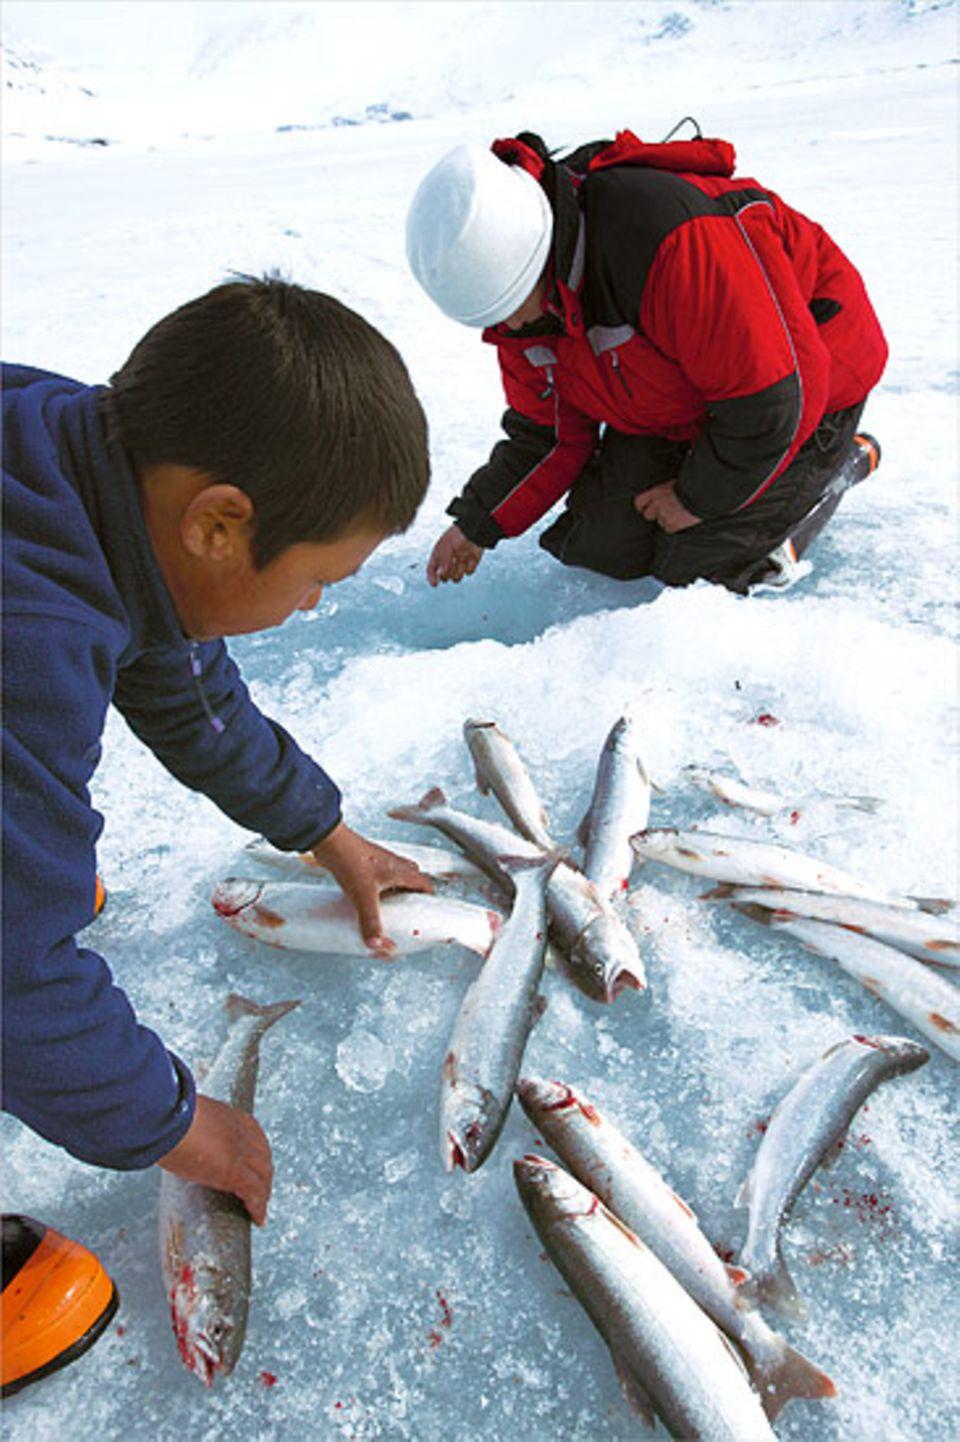 Doch bevor sie den Köder, ein Stück Seehundspeck, auswerfen konnte, musste sie erst ein Loch in das 1,20 Meter dicke Eis schlagen